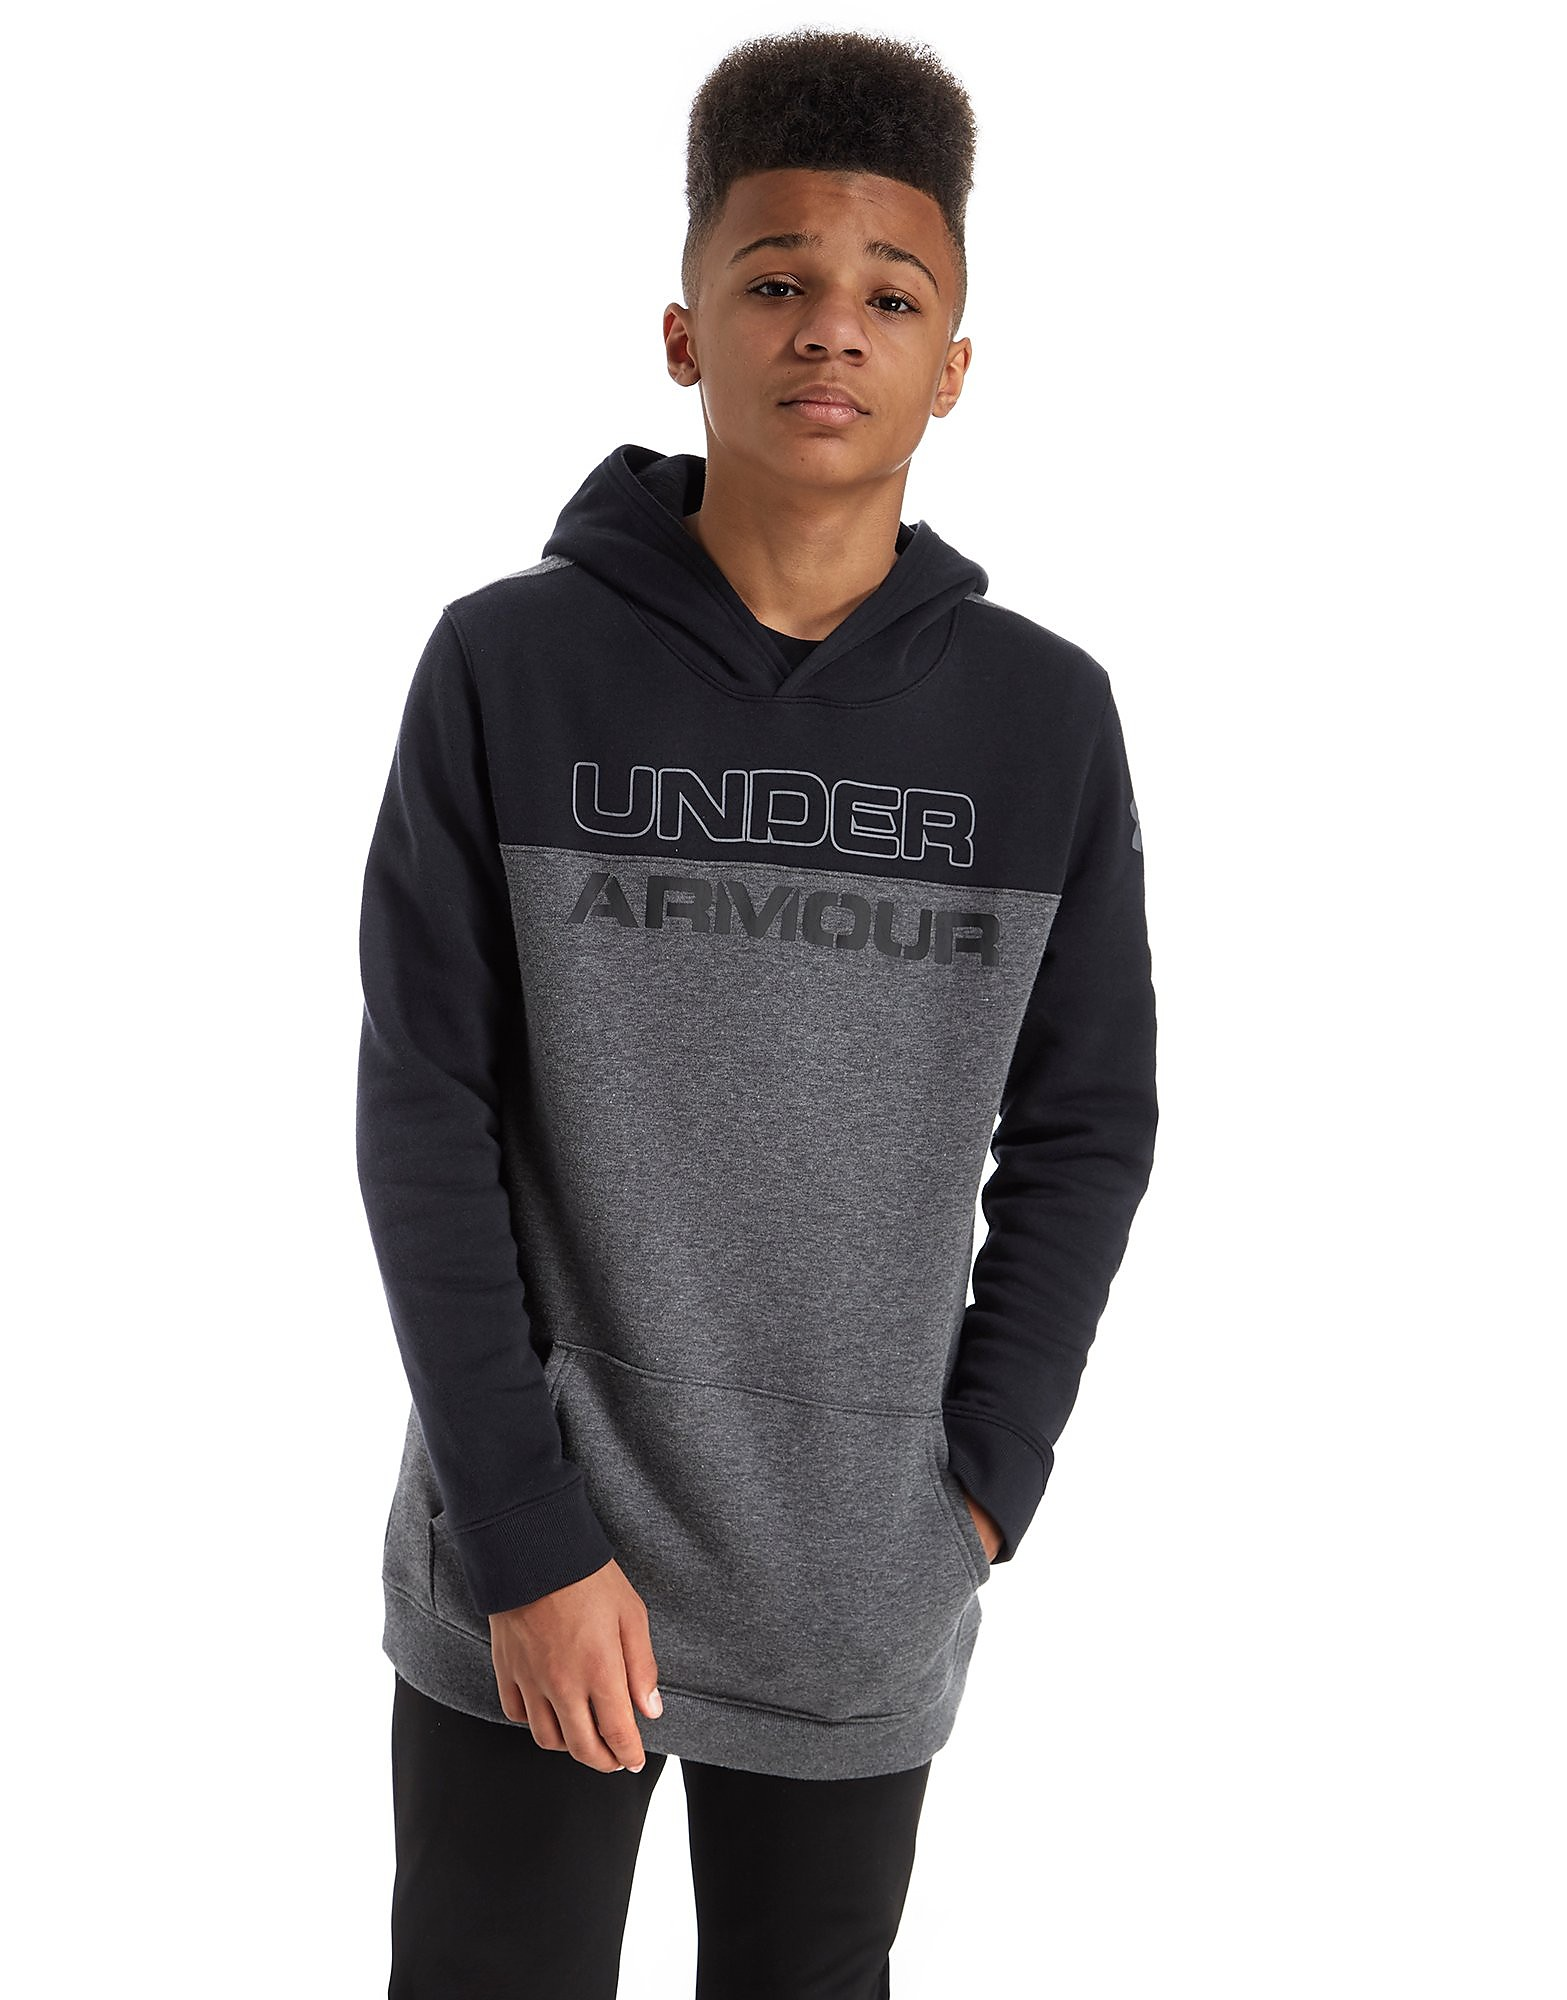 Under Armour Titan Fleece Hoody Junior